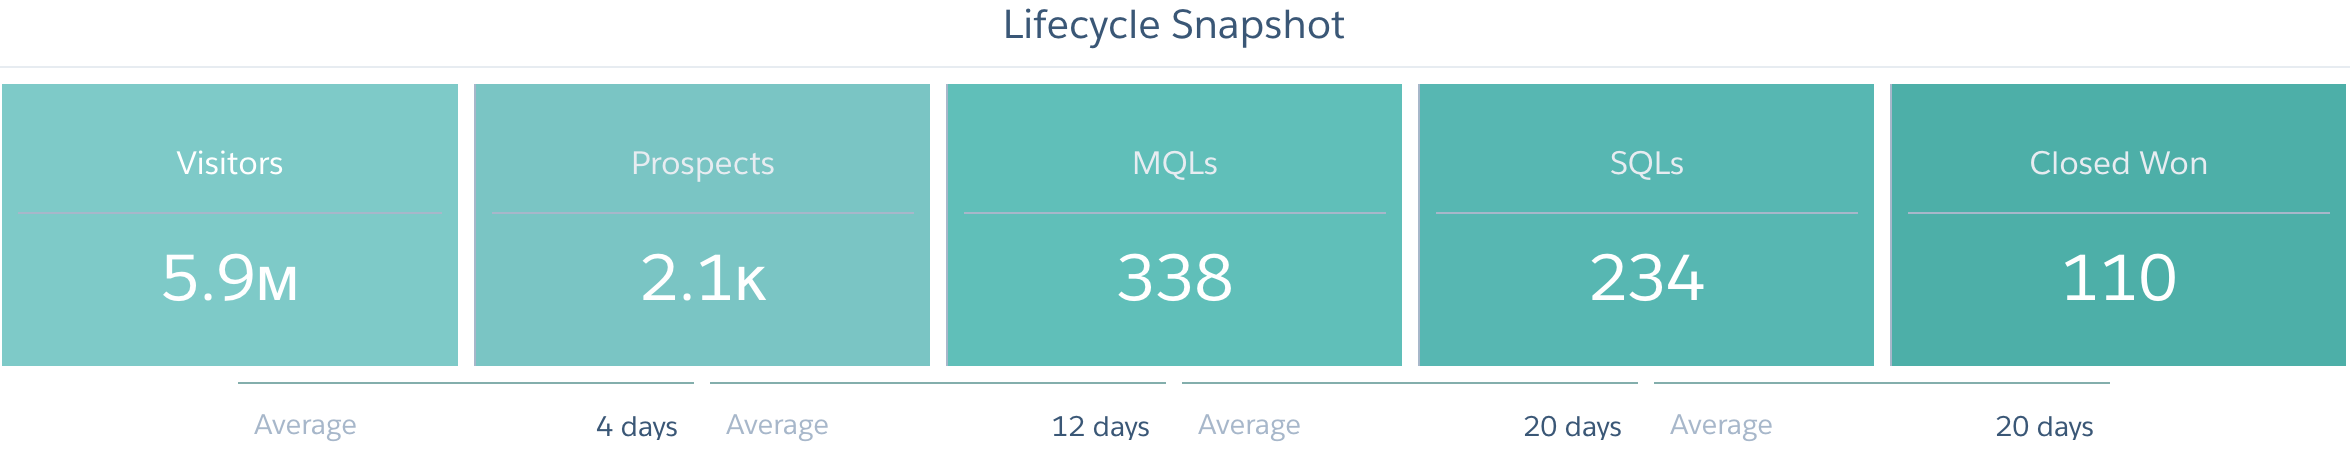 einstein marketing analytics - lifecycle snapshot